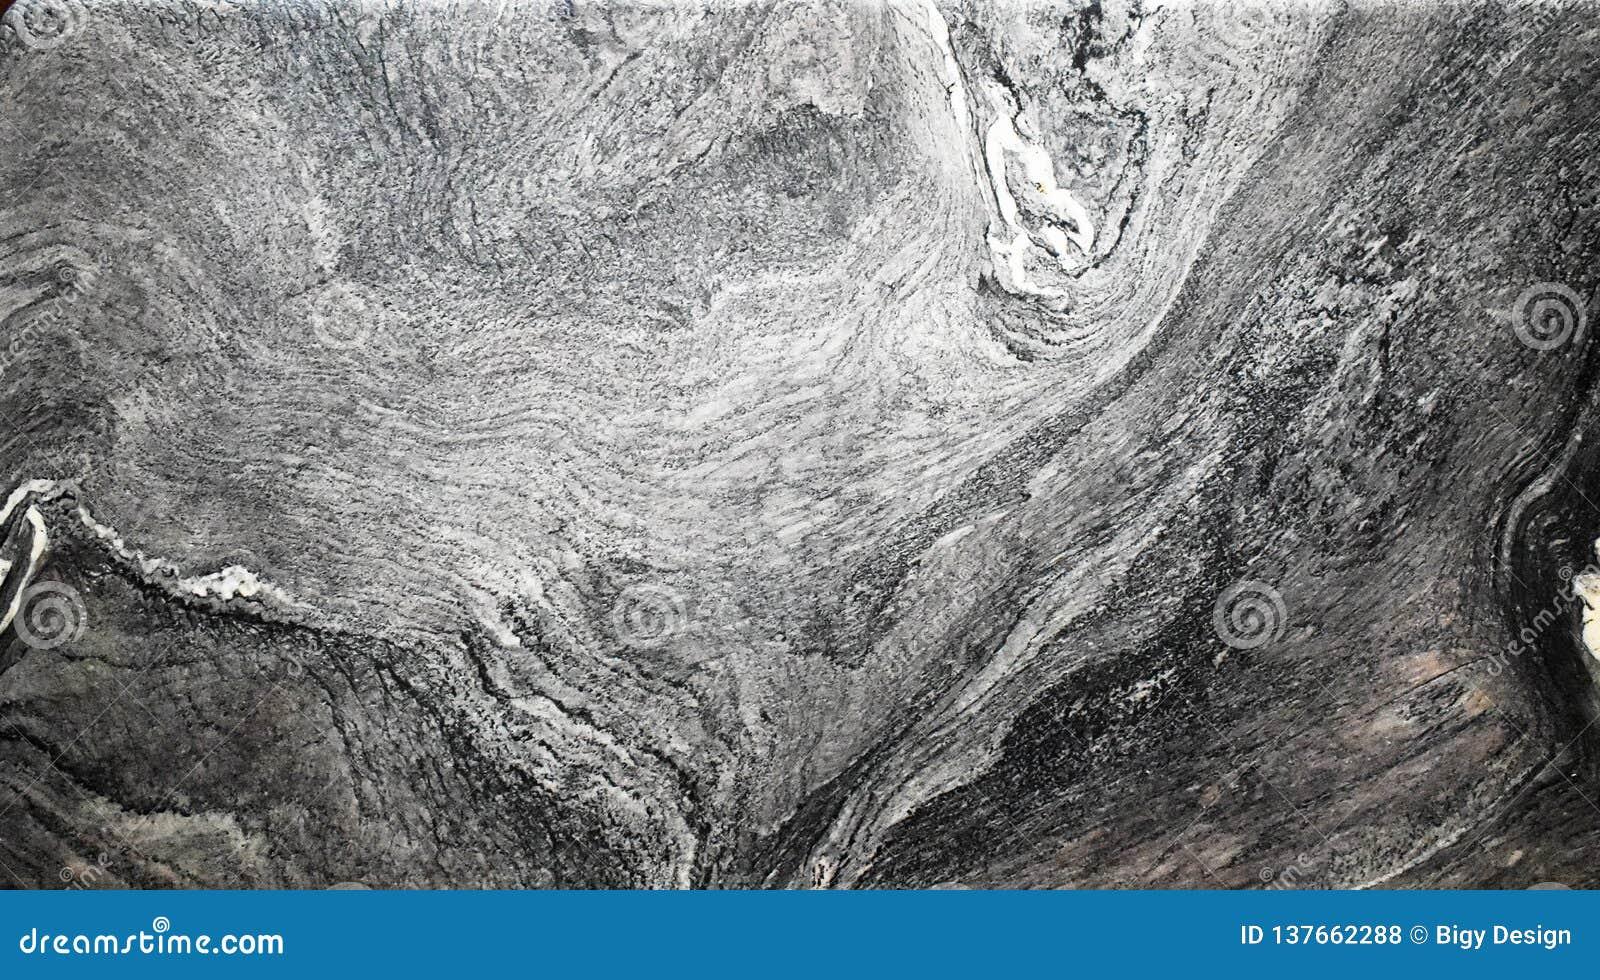 Marmeren granietkleuren: zwarte, Grijze, Witte natuurlijk